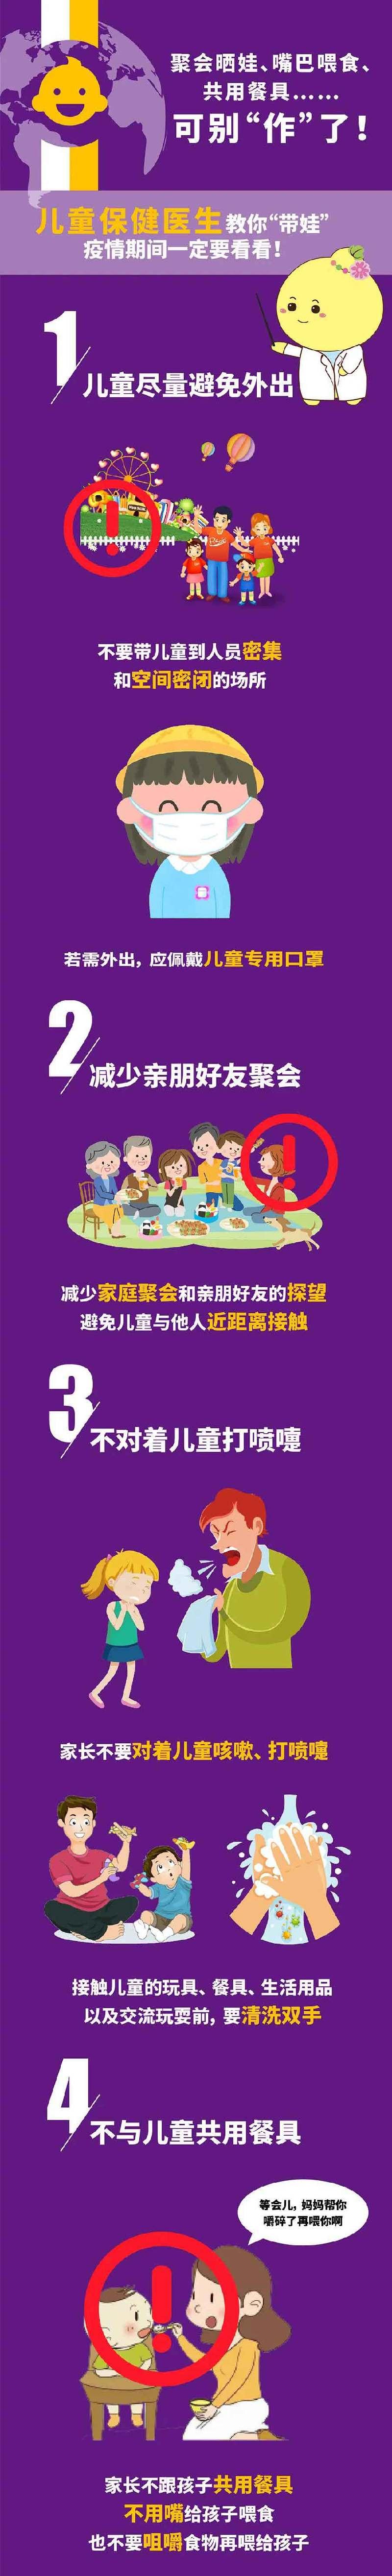 儿童保健医生的10条建议,疫情期间要注意!